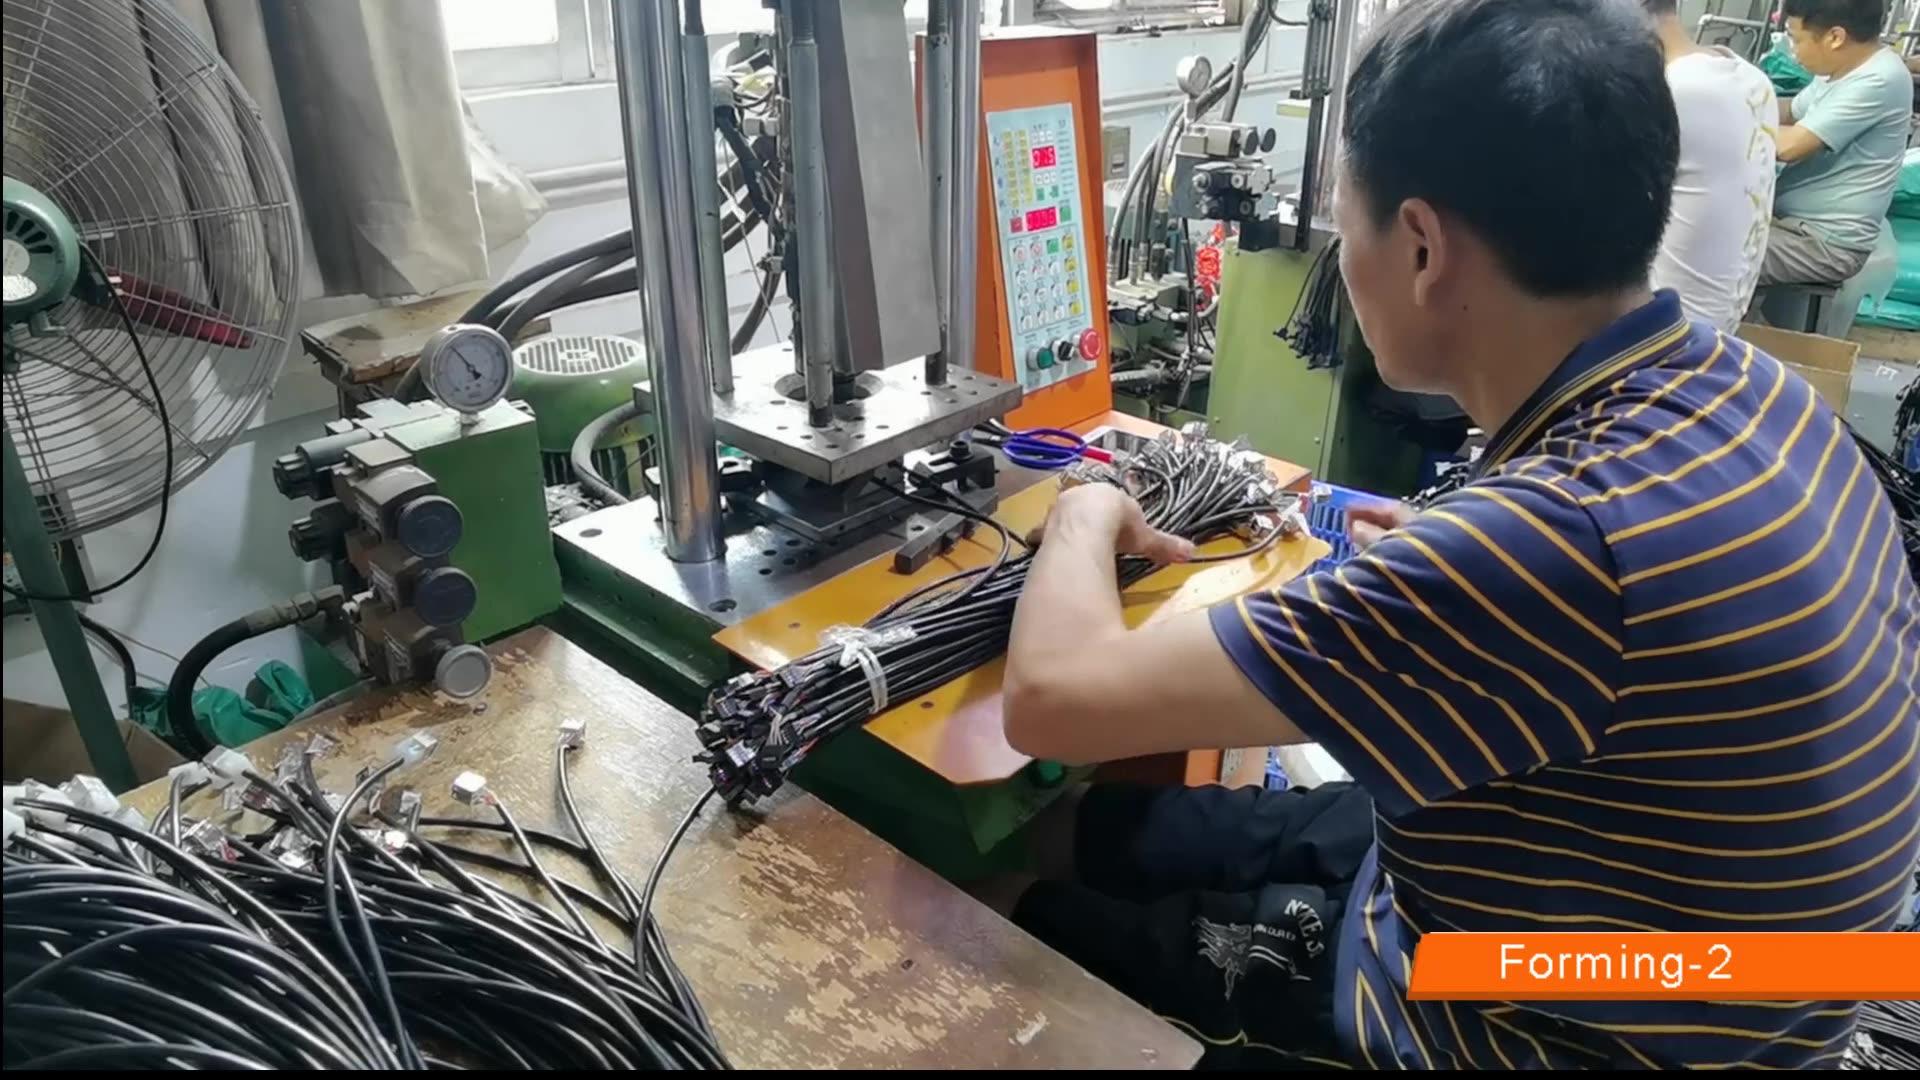 โรงงานขายส่ง USB 2.0 ชาย 2 way วิทยุ Baofeng สายการเขียนโปรแกรมสำหรับ Walkie Talkie